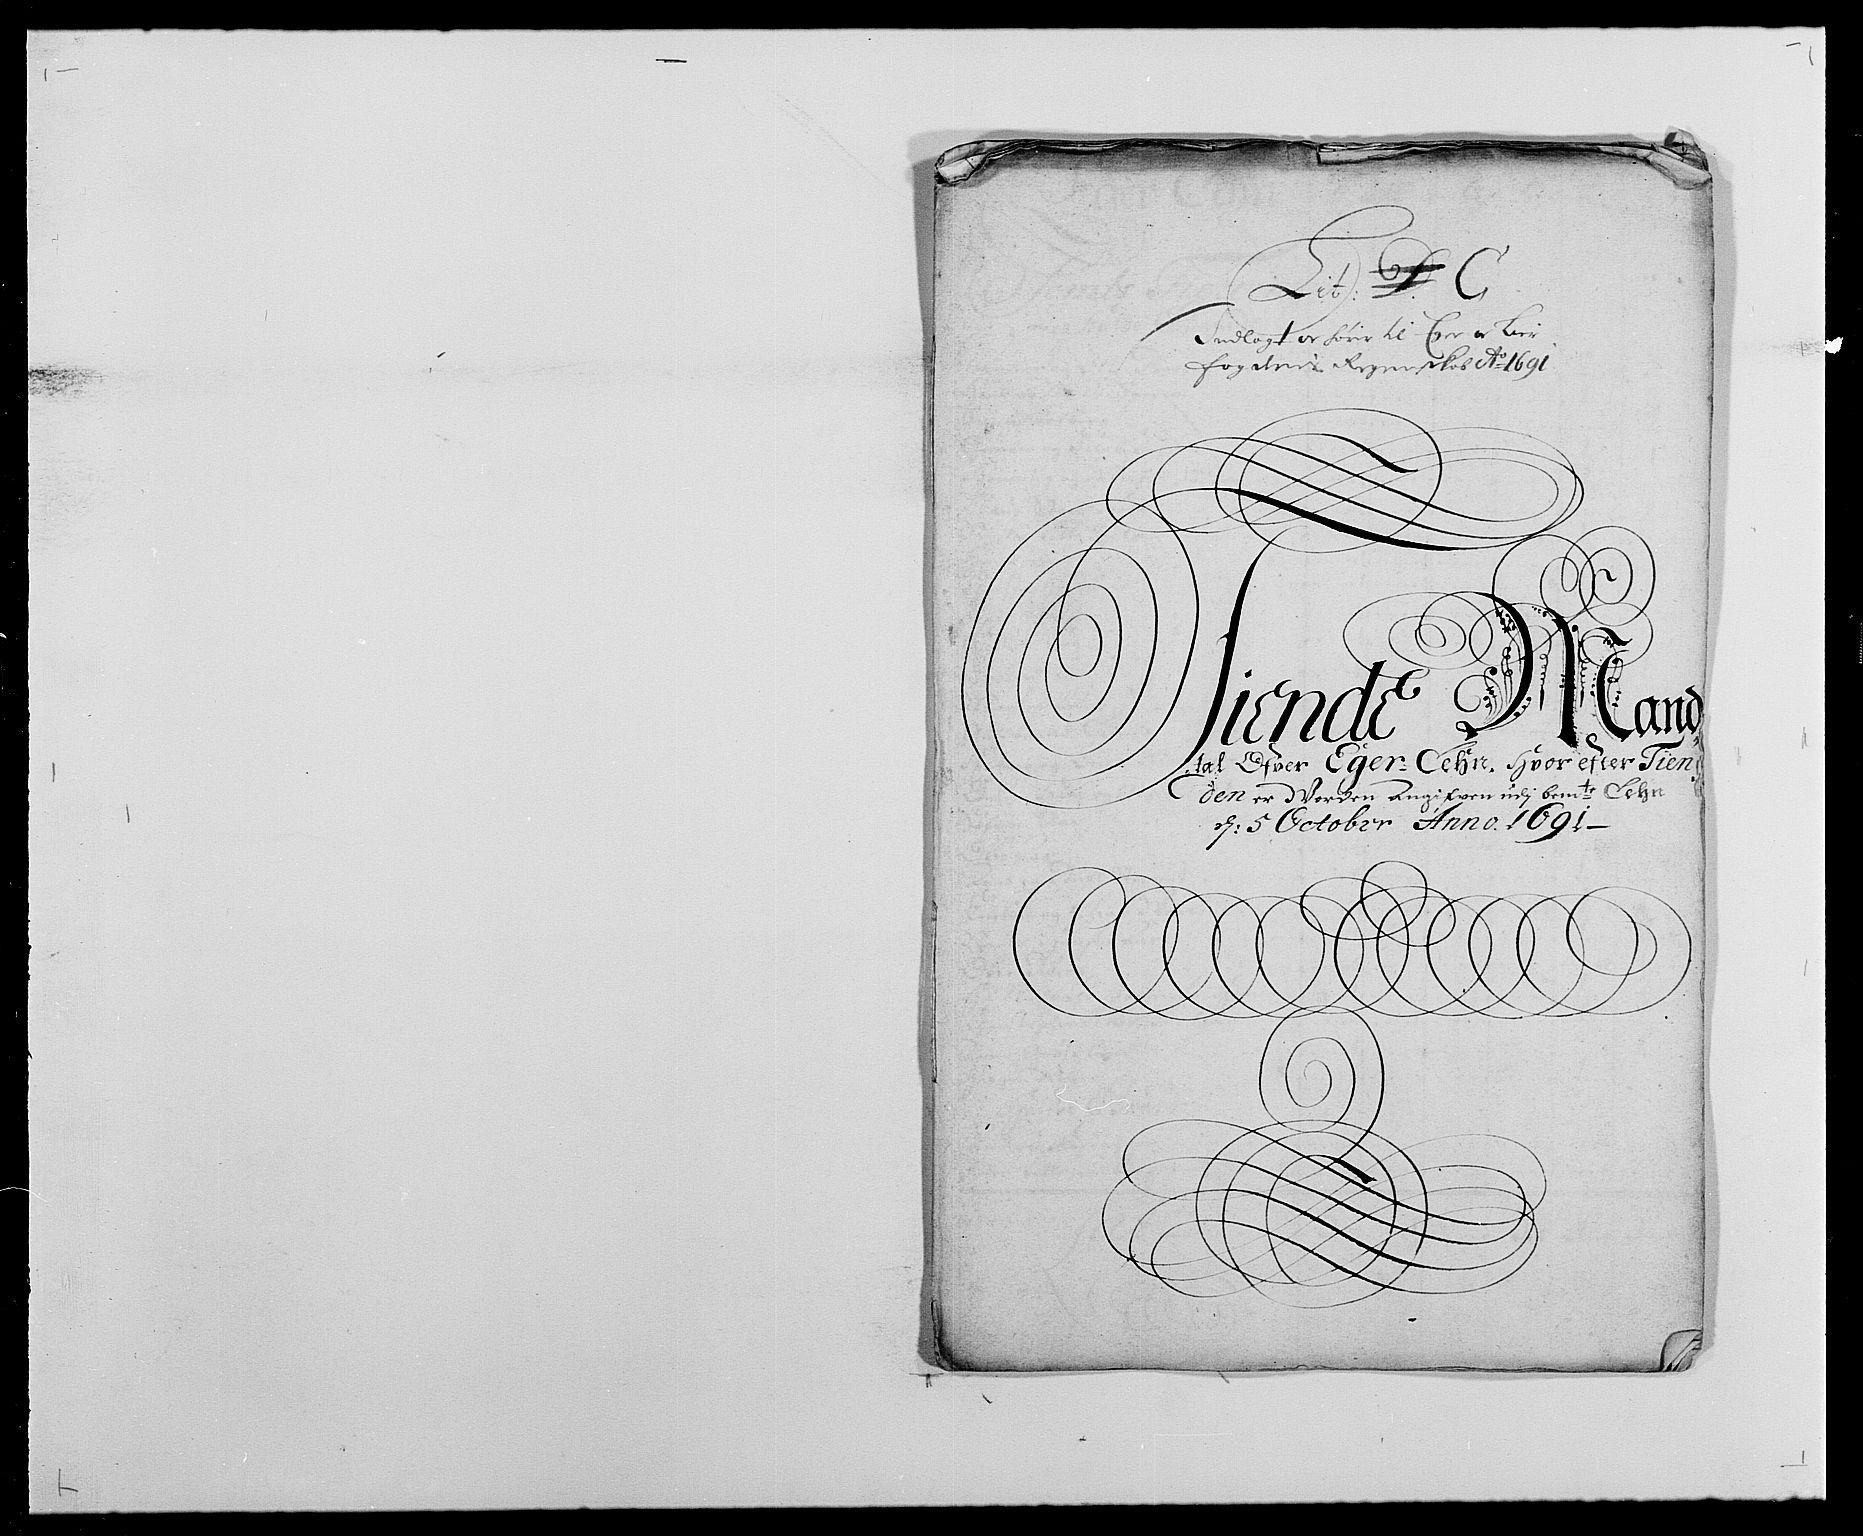 RA, Rentekammeret inntil 1814, Reviderte regnskaper, Fogderegnskap, R28/L1689: Fogderegnskap Eiker og Lier, 1690-1691, s. 227